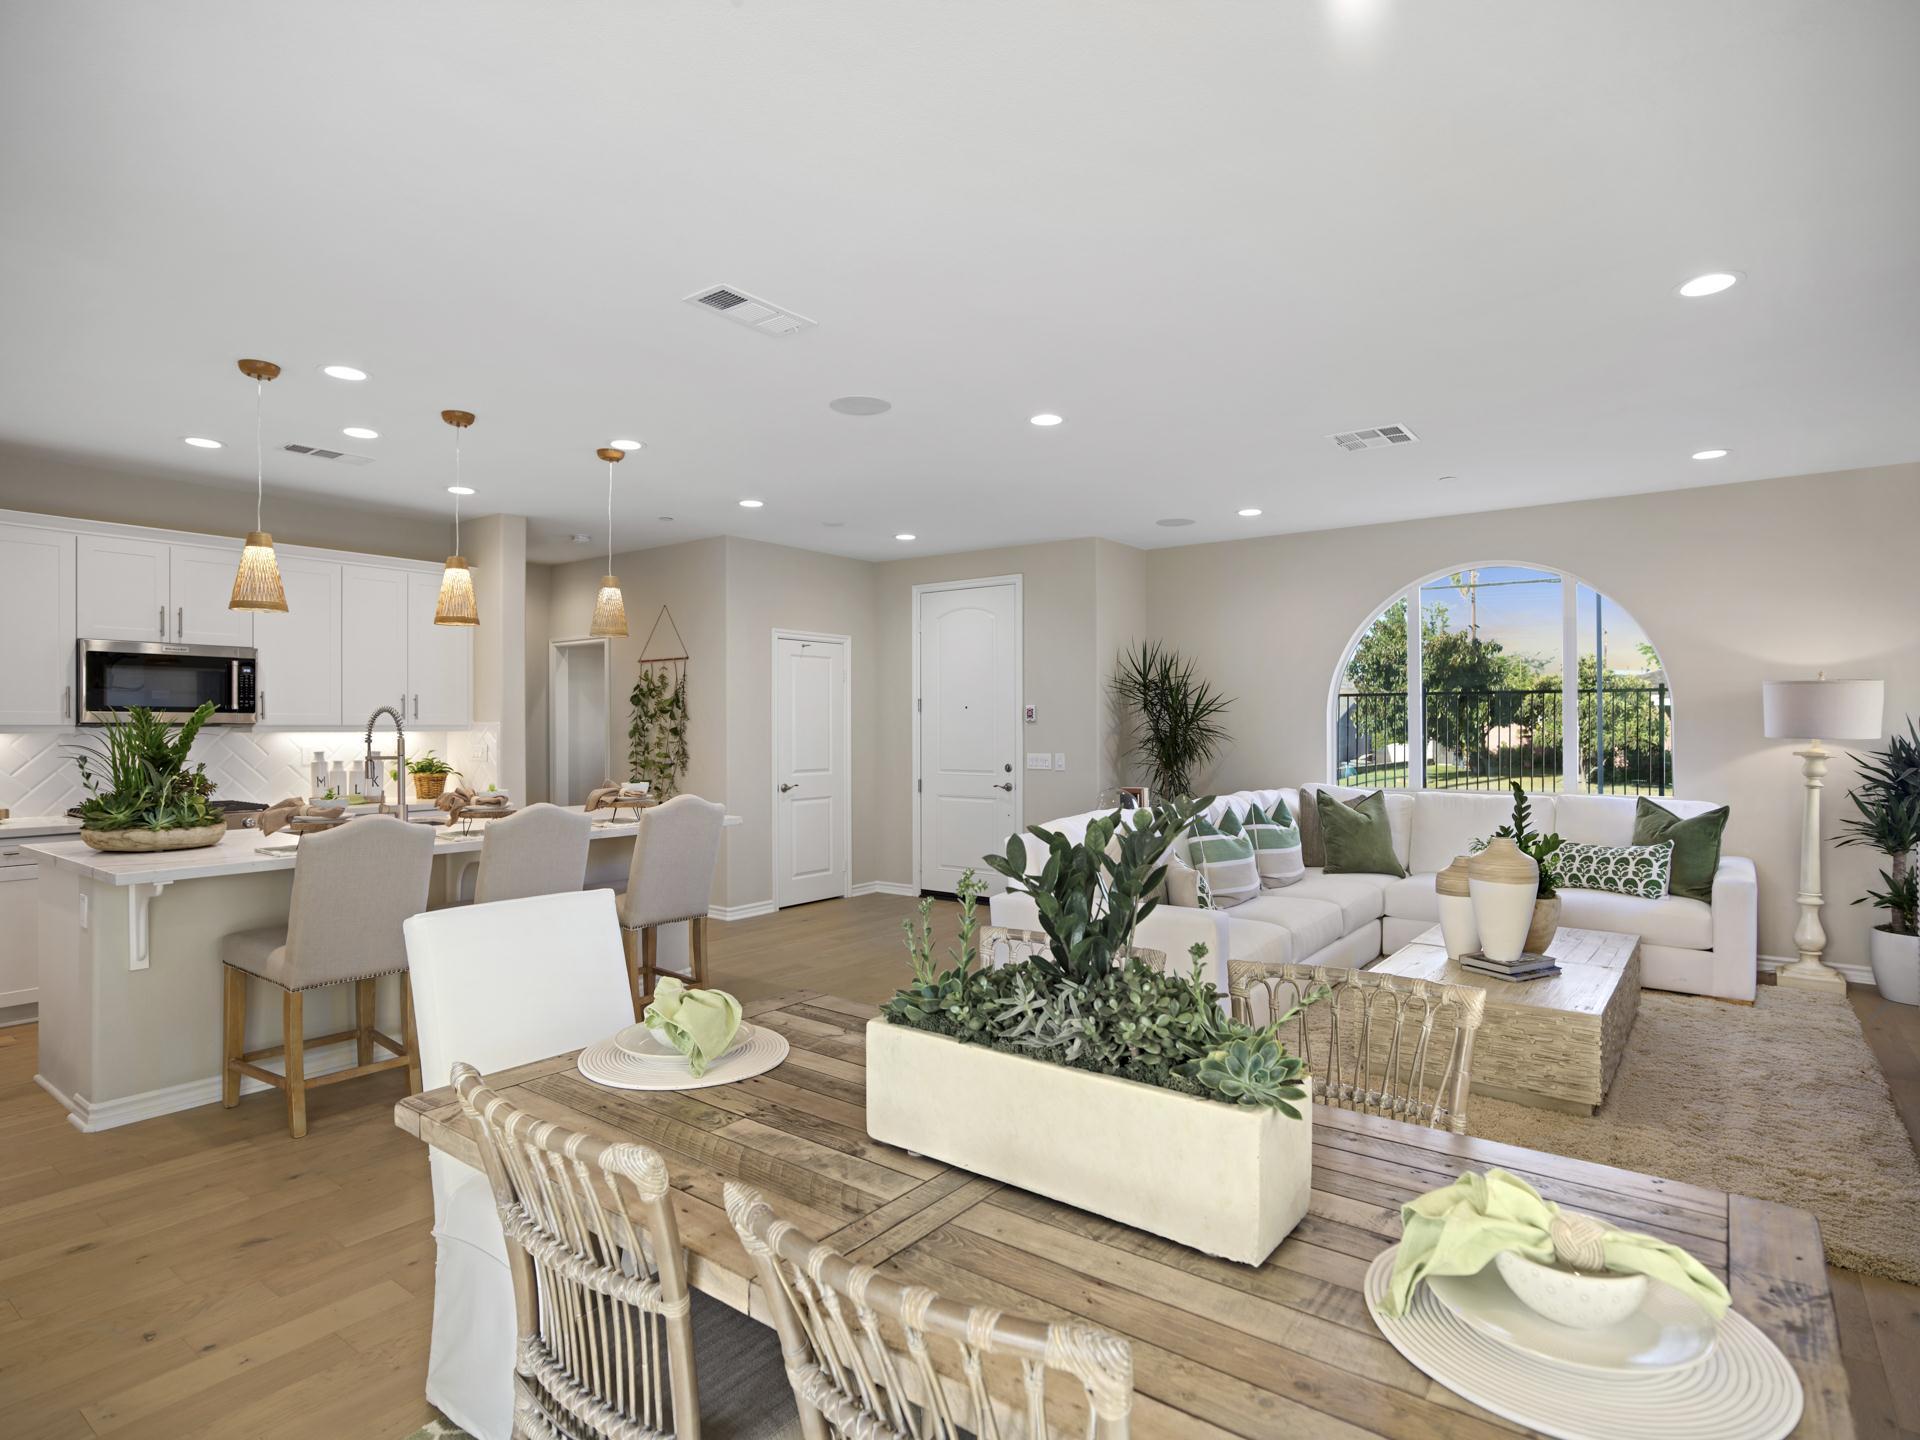 New Homes For Sale In La Mirada 198 Quick Move In Homes